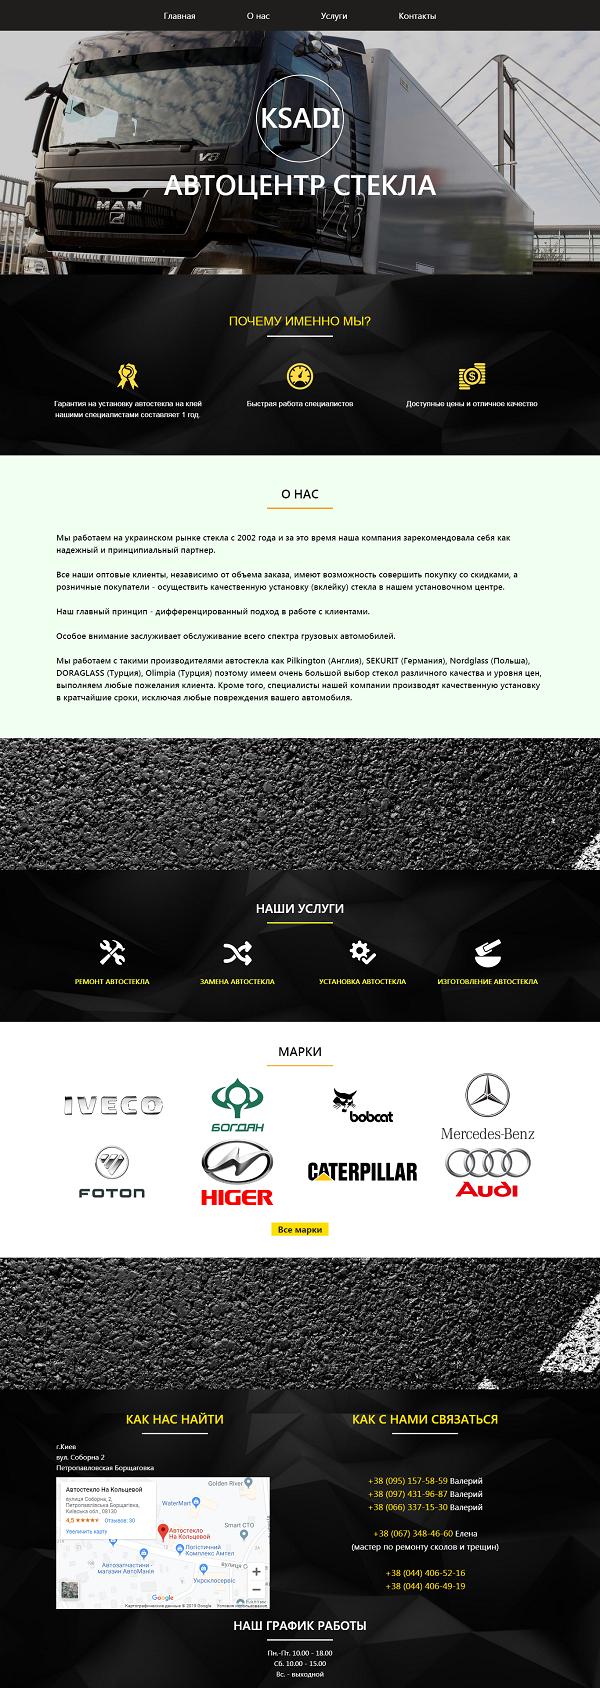 Фото Создание мультистраничного Landing page по автомобильной тематике. Более 70 страниц на html, css и js.